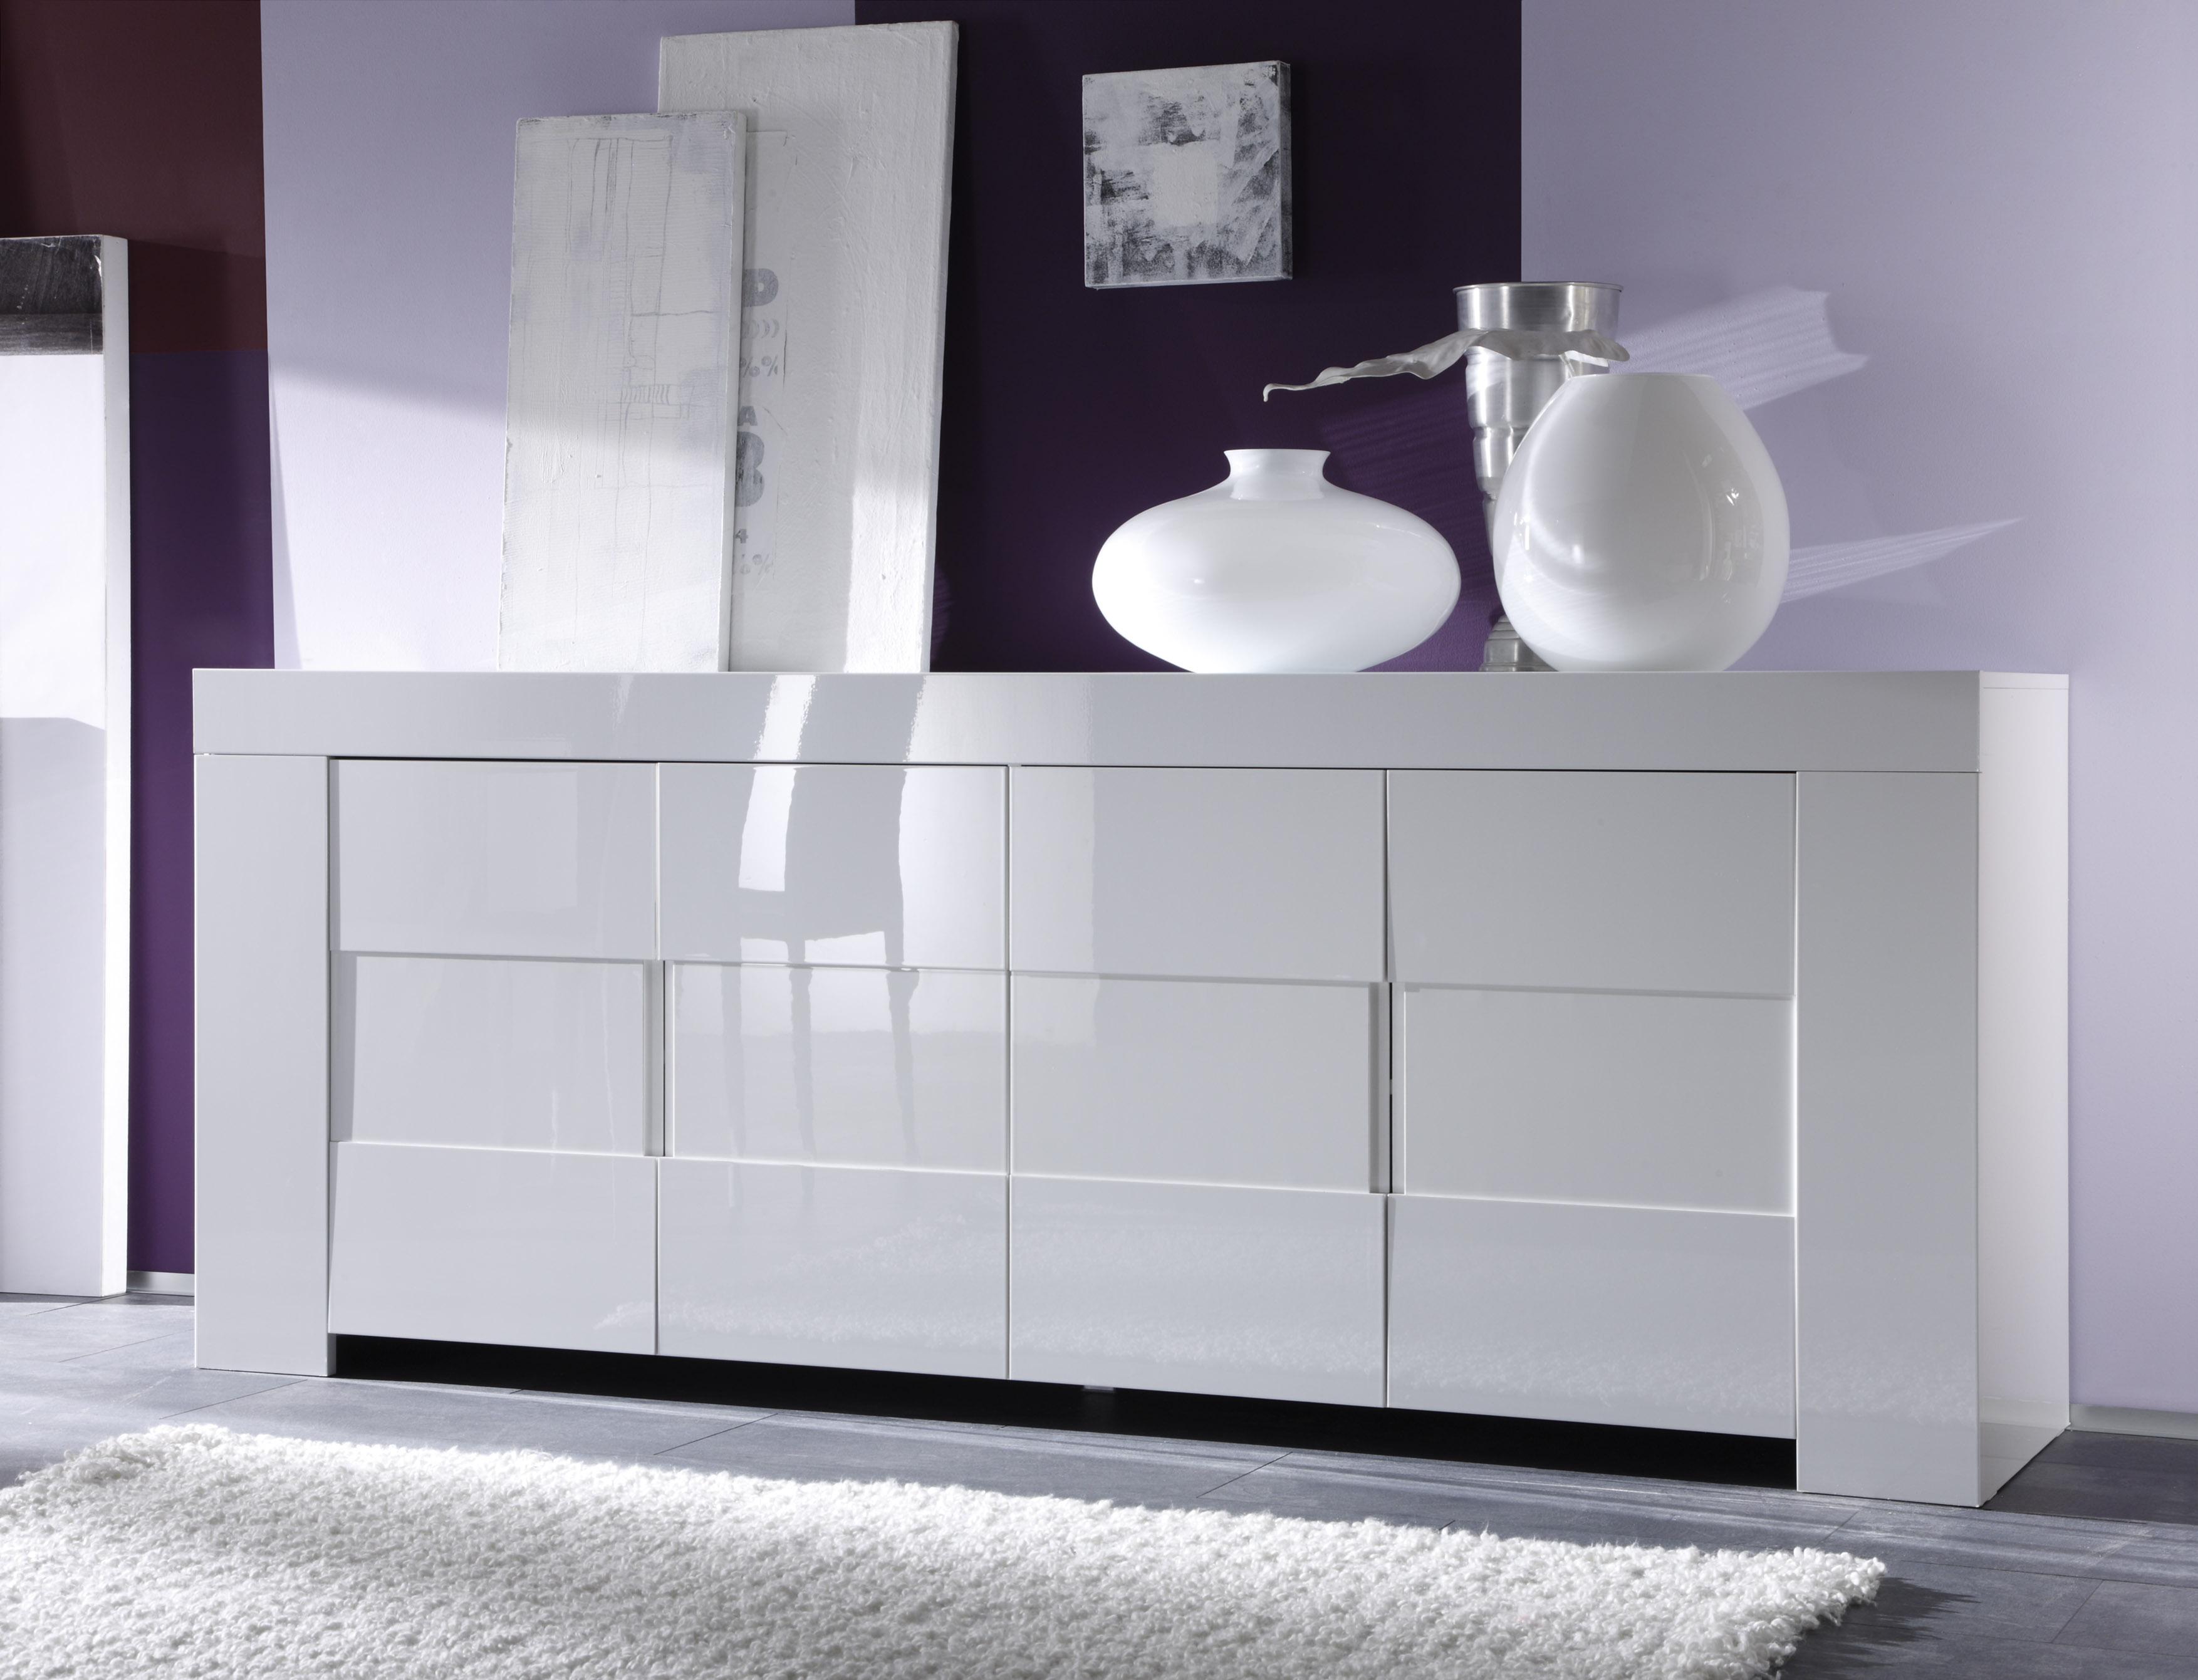 Hoogglans Kast Wit : Sideboard hoogglans wit kopen aktie wonen